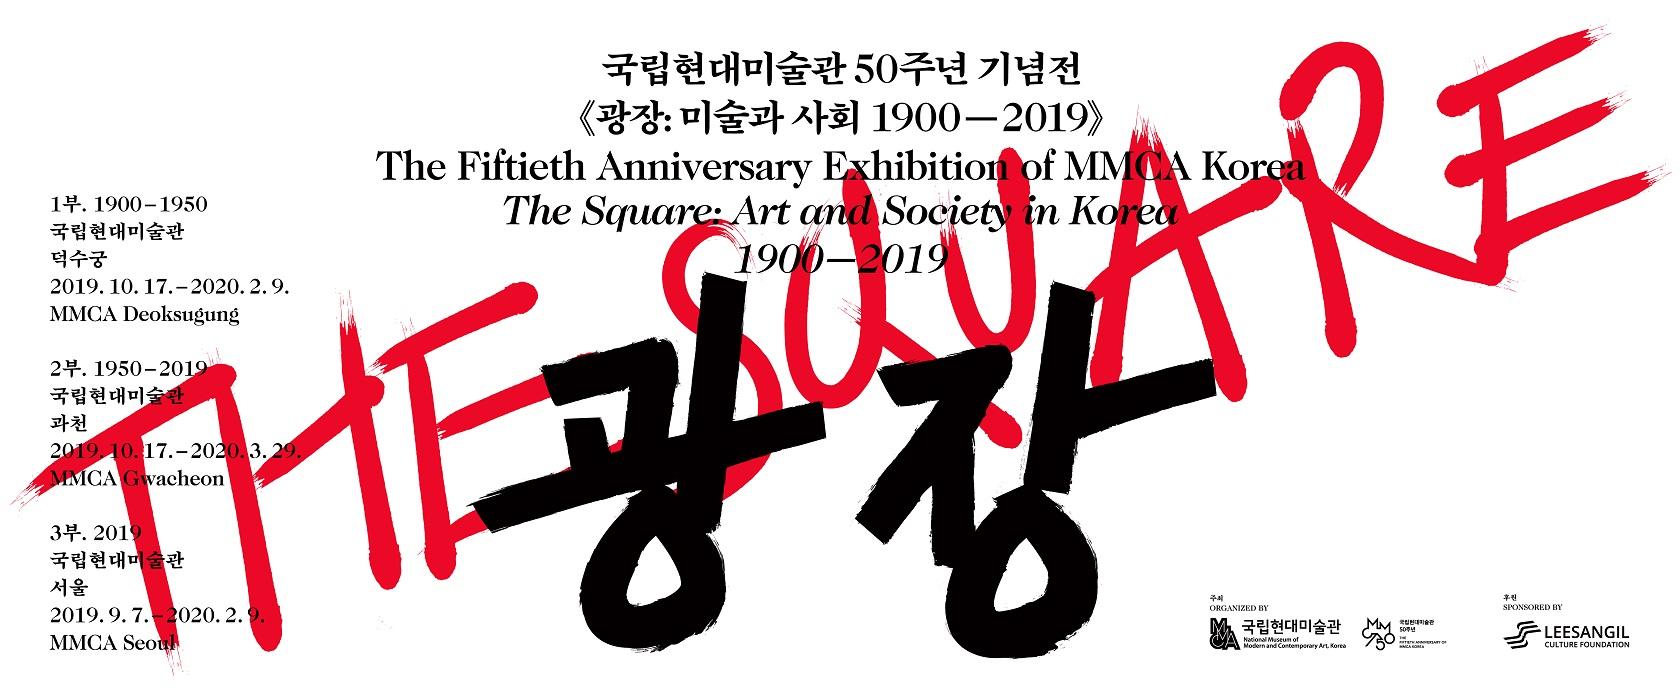 광장 국립현대미술관에 대한 이미지 검색결과